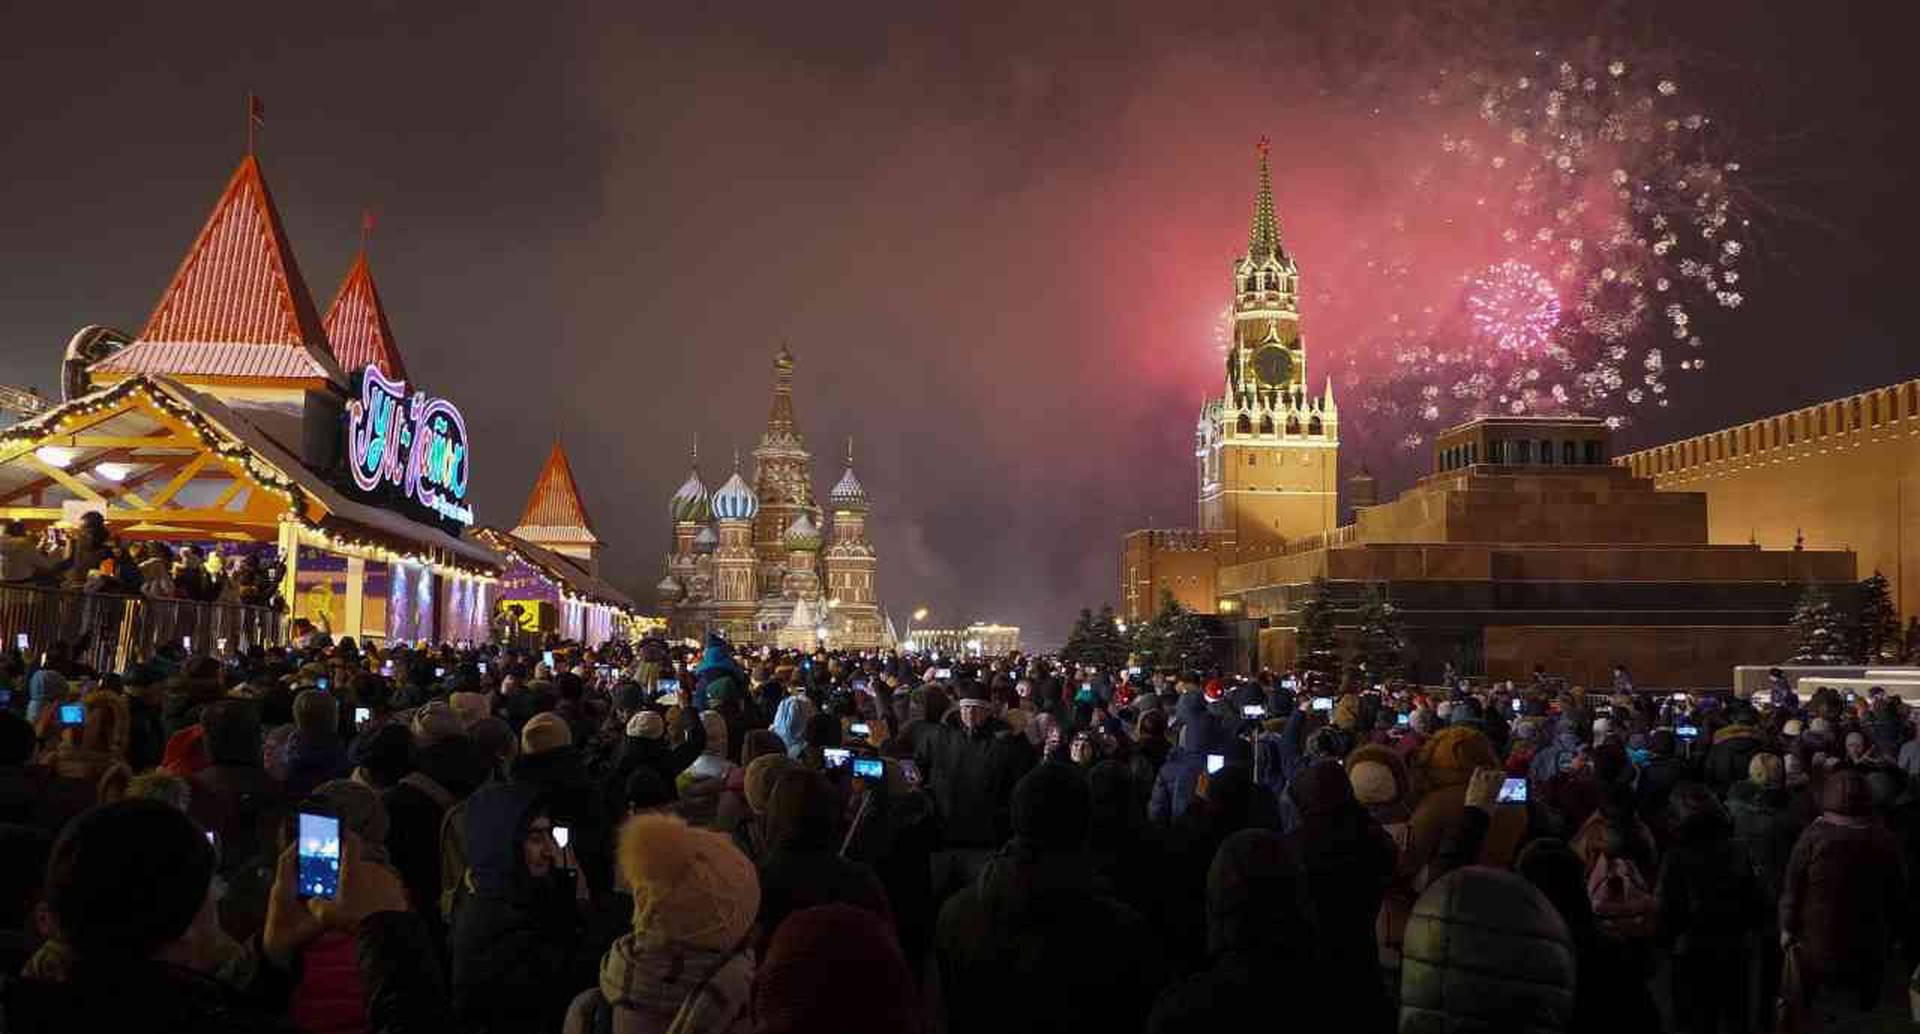 Vacuna Rusa: la potencia que compite y le gana a los grandes de occidente